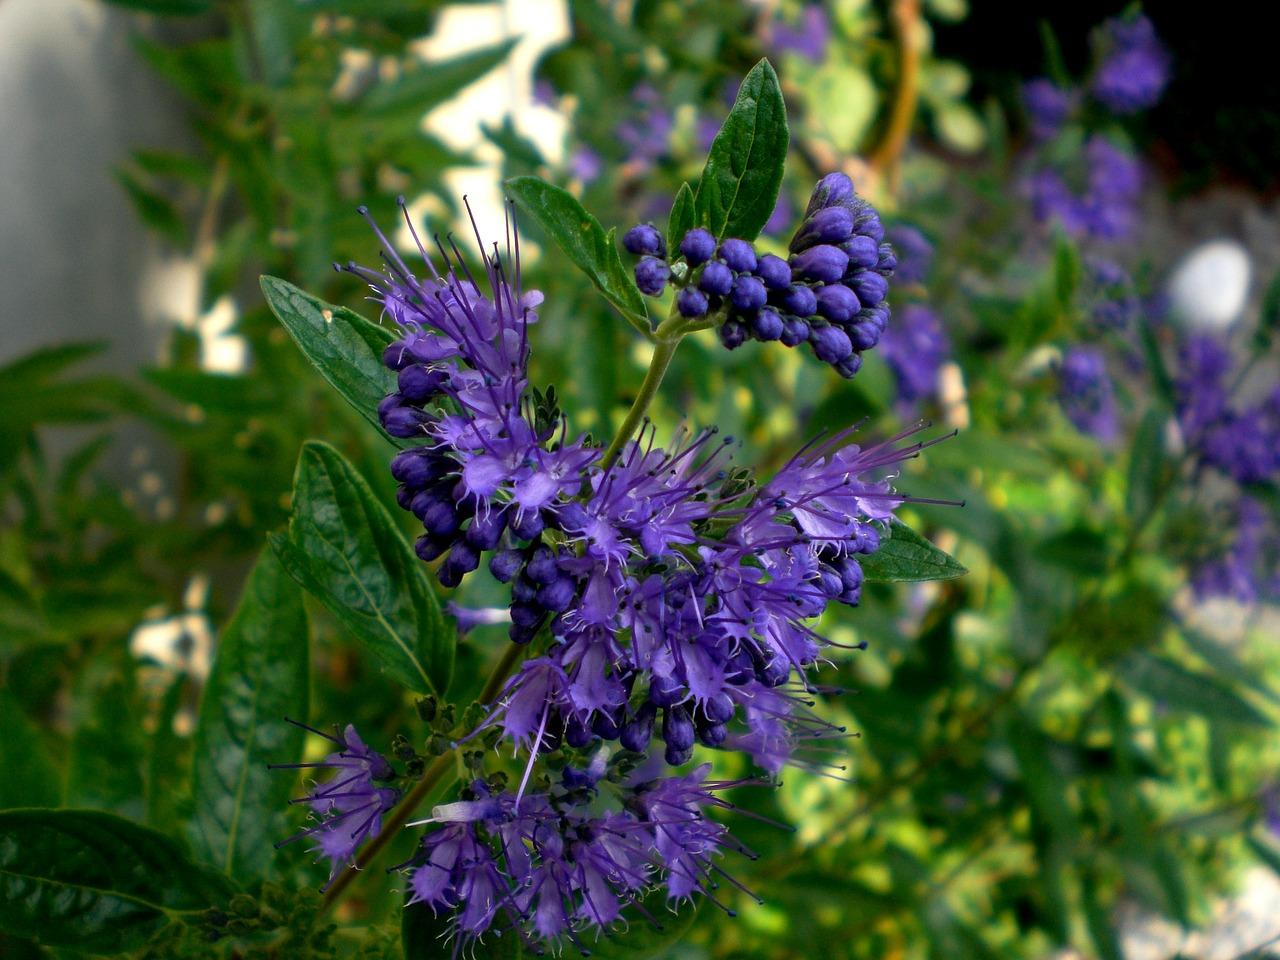 Clandon-Bartblume (Caryopteris)